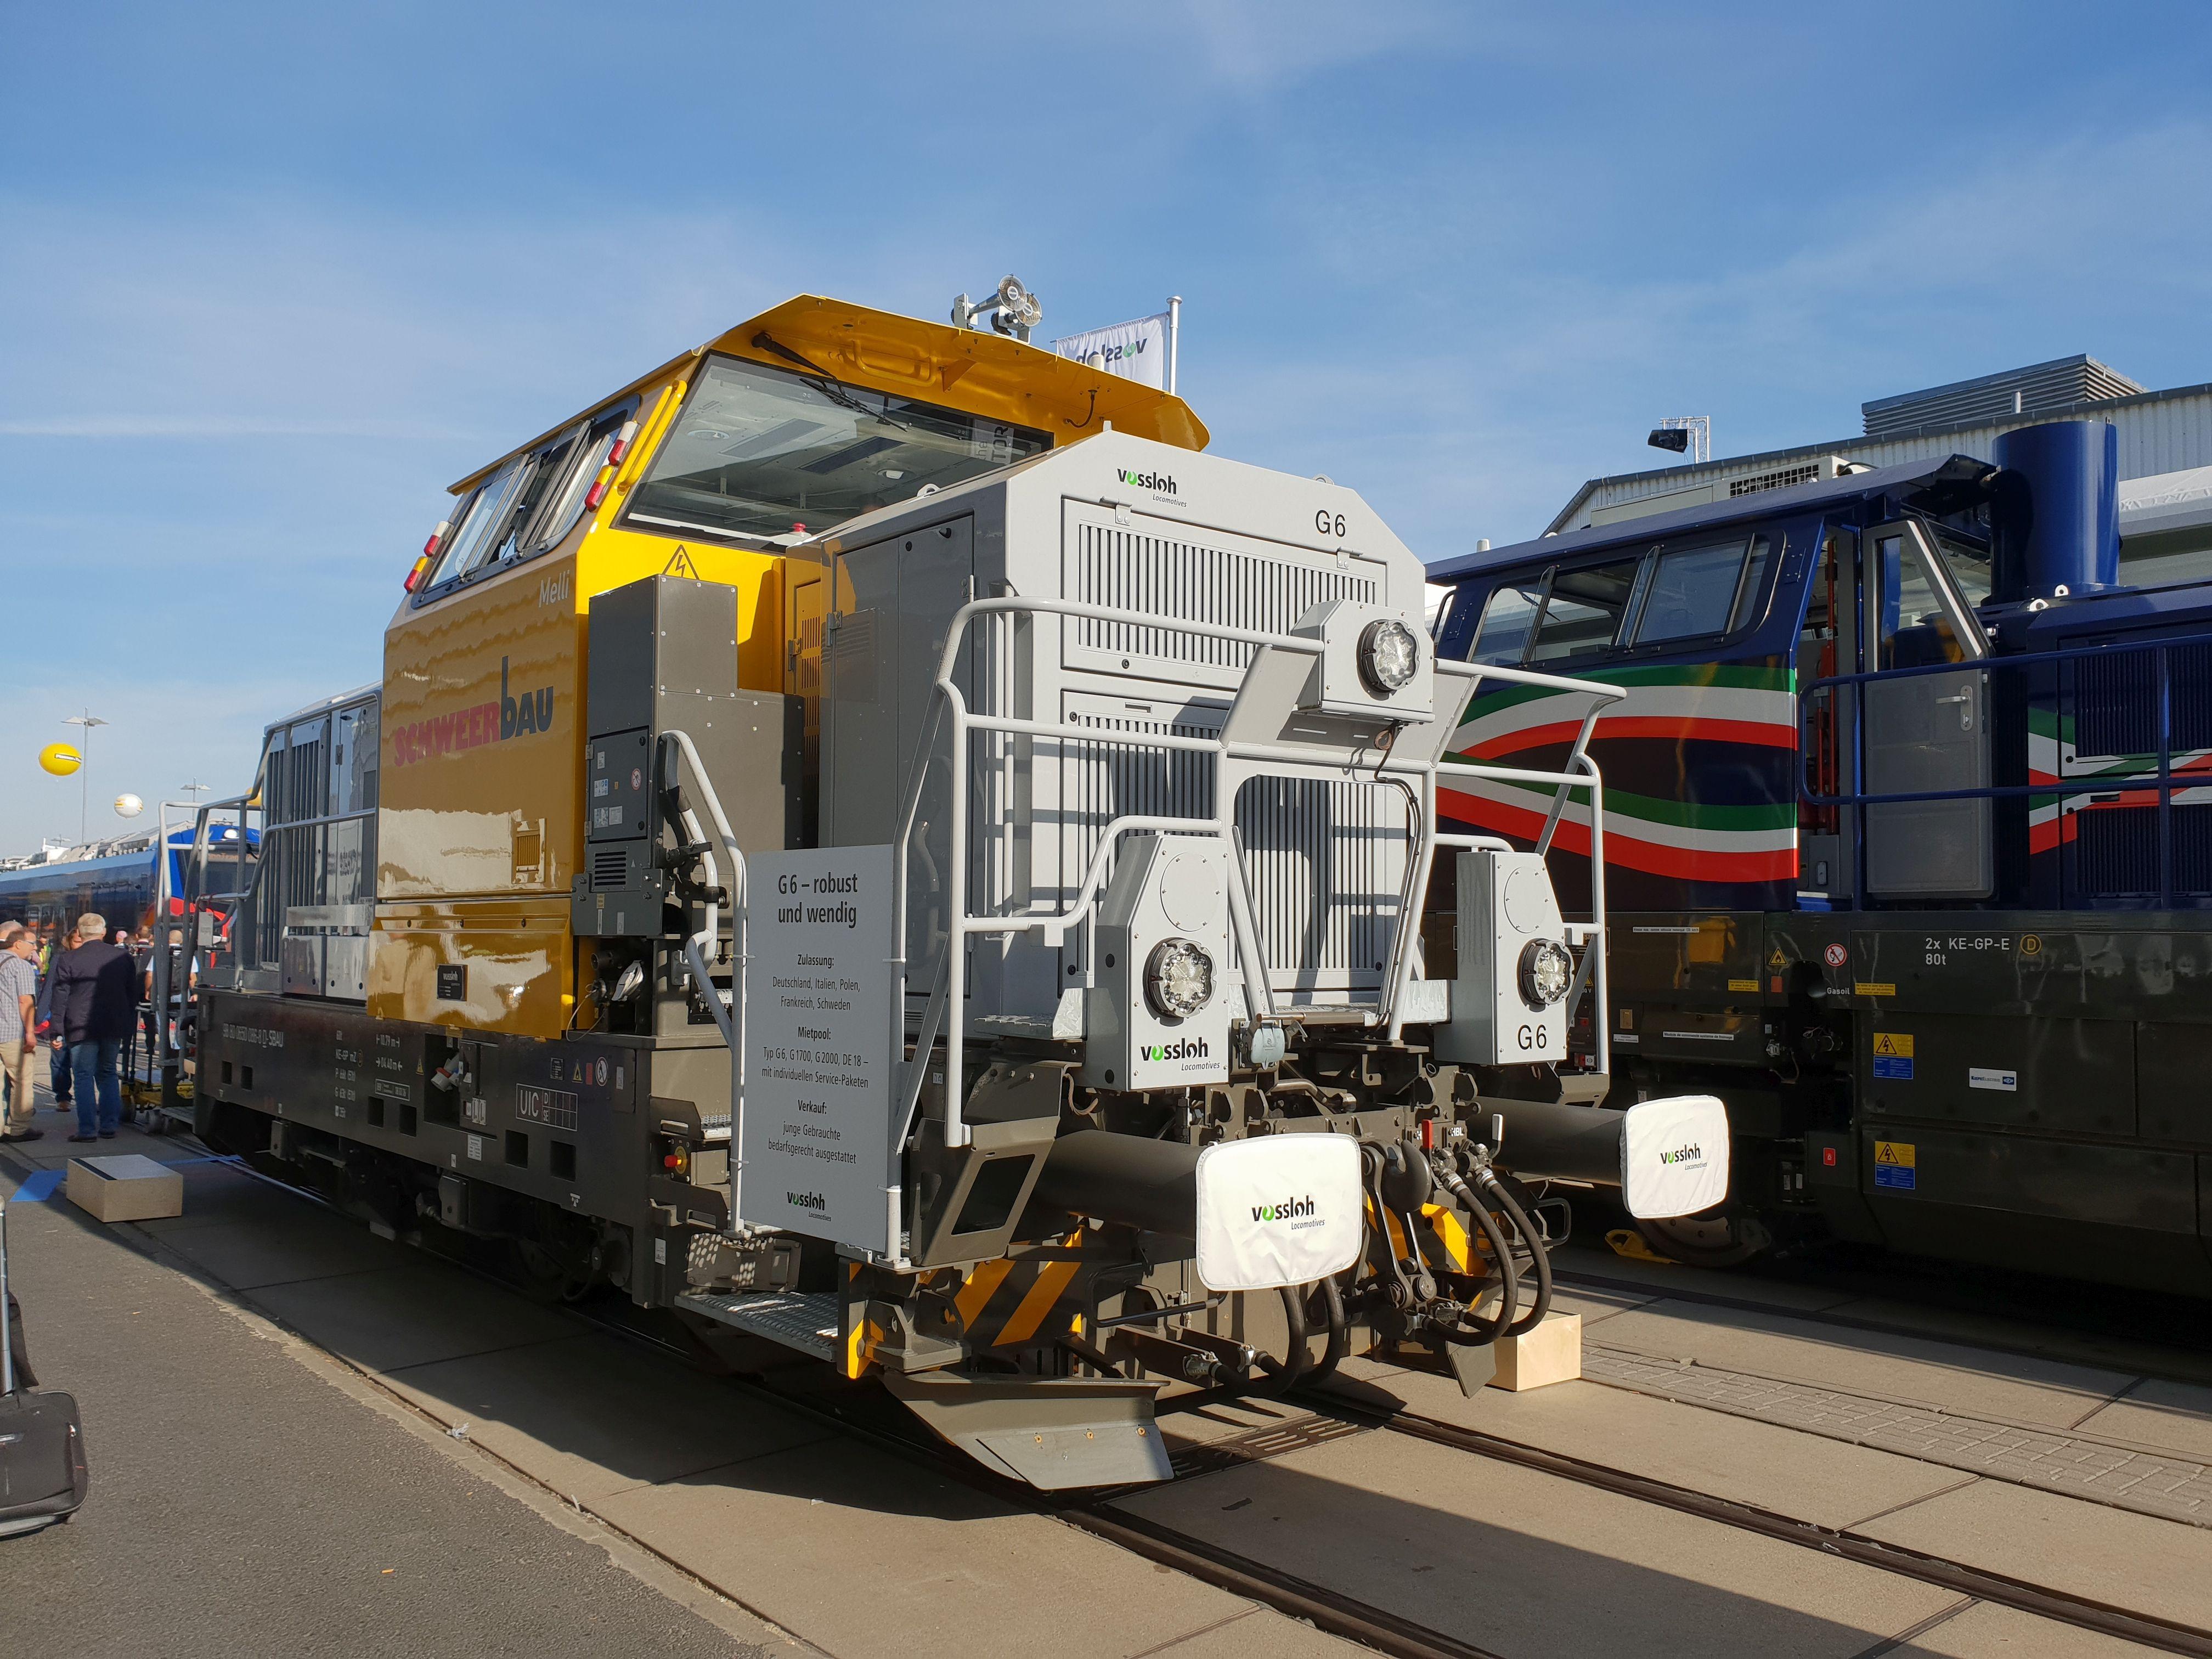 Foto: Diesellok G6 von Vossloh für Schweerbau auf der Berliner Innotrans 2018